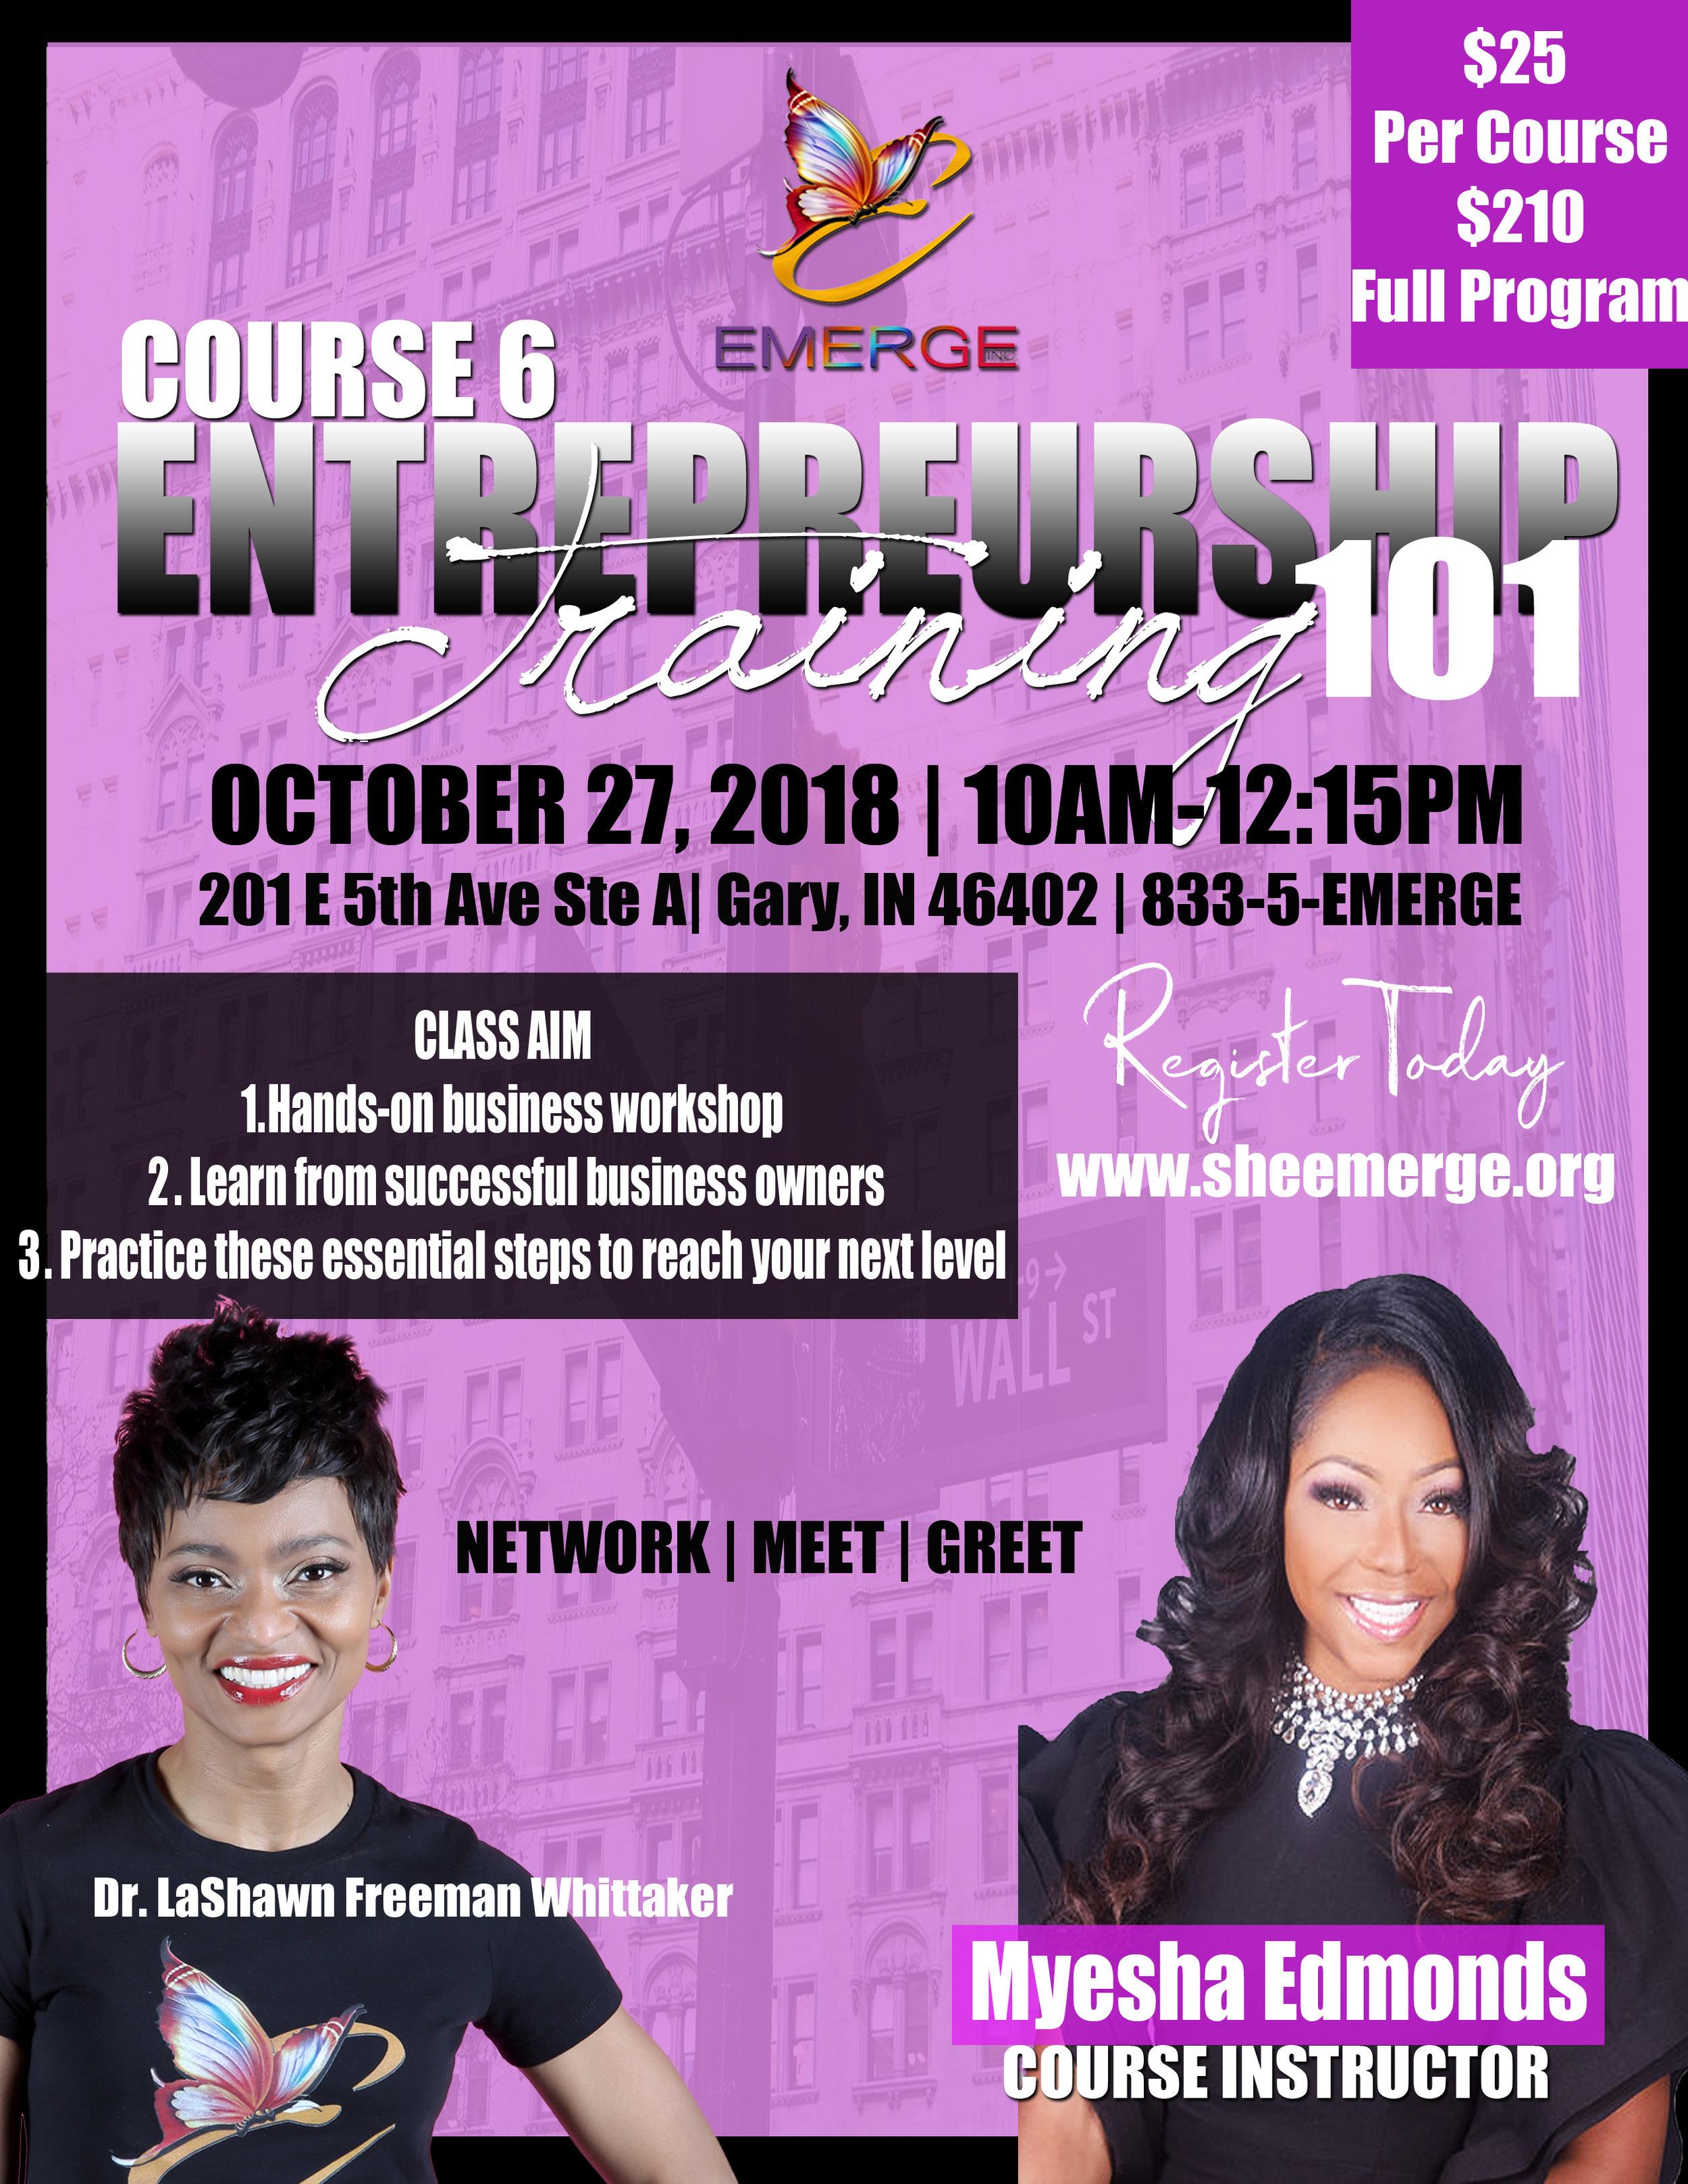 Course 6: Entrepreneurship - Session Start Date: October 27, 2018Course Description: Leadership: Entrepreneurship 101 winning habitsPresenter: Myesha EdmondsTime: 10:00am-12:15pmLocation: 201 E. 5th Ave Ste D